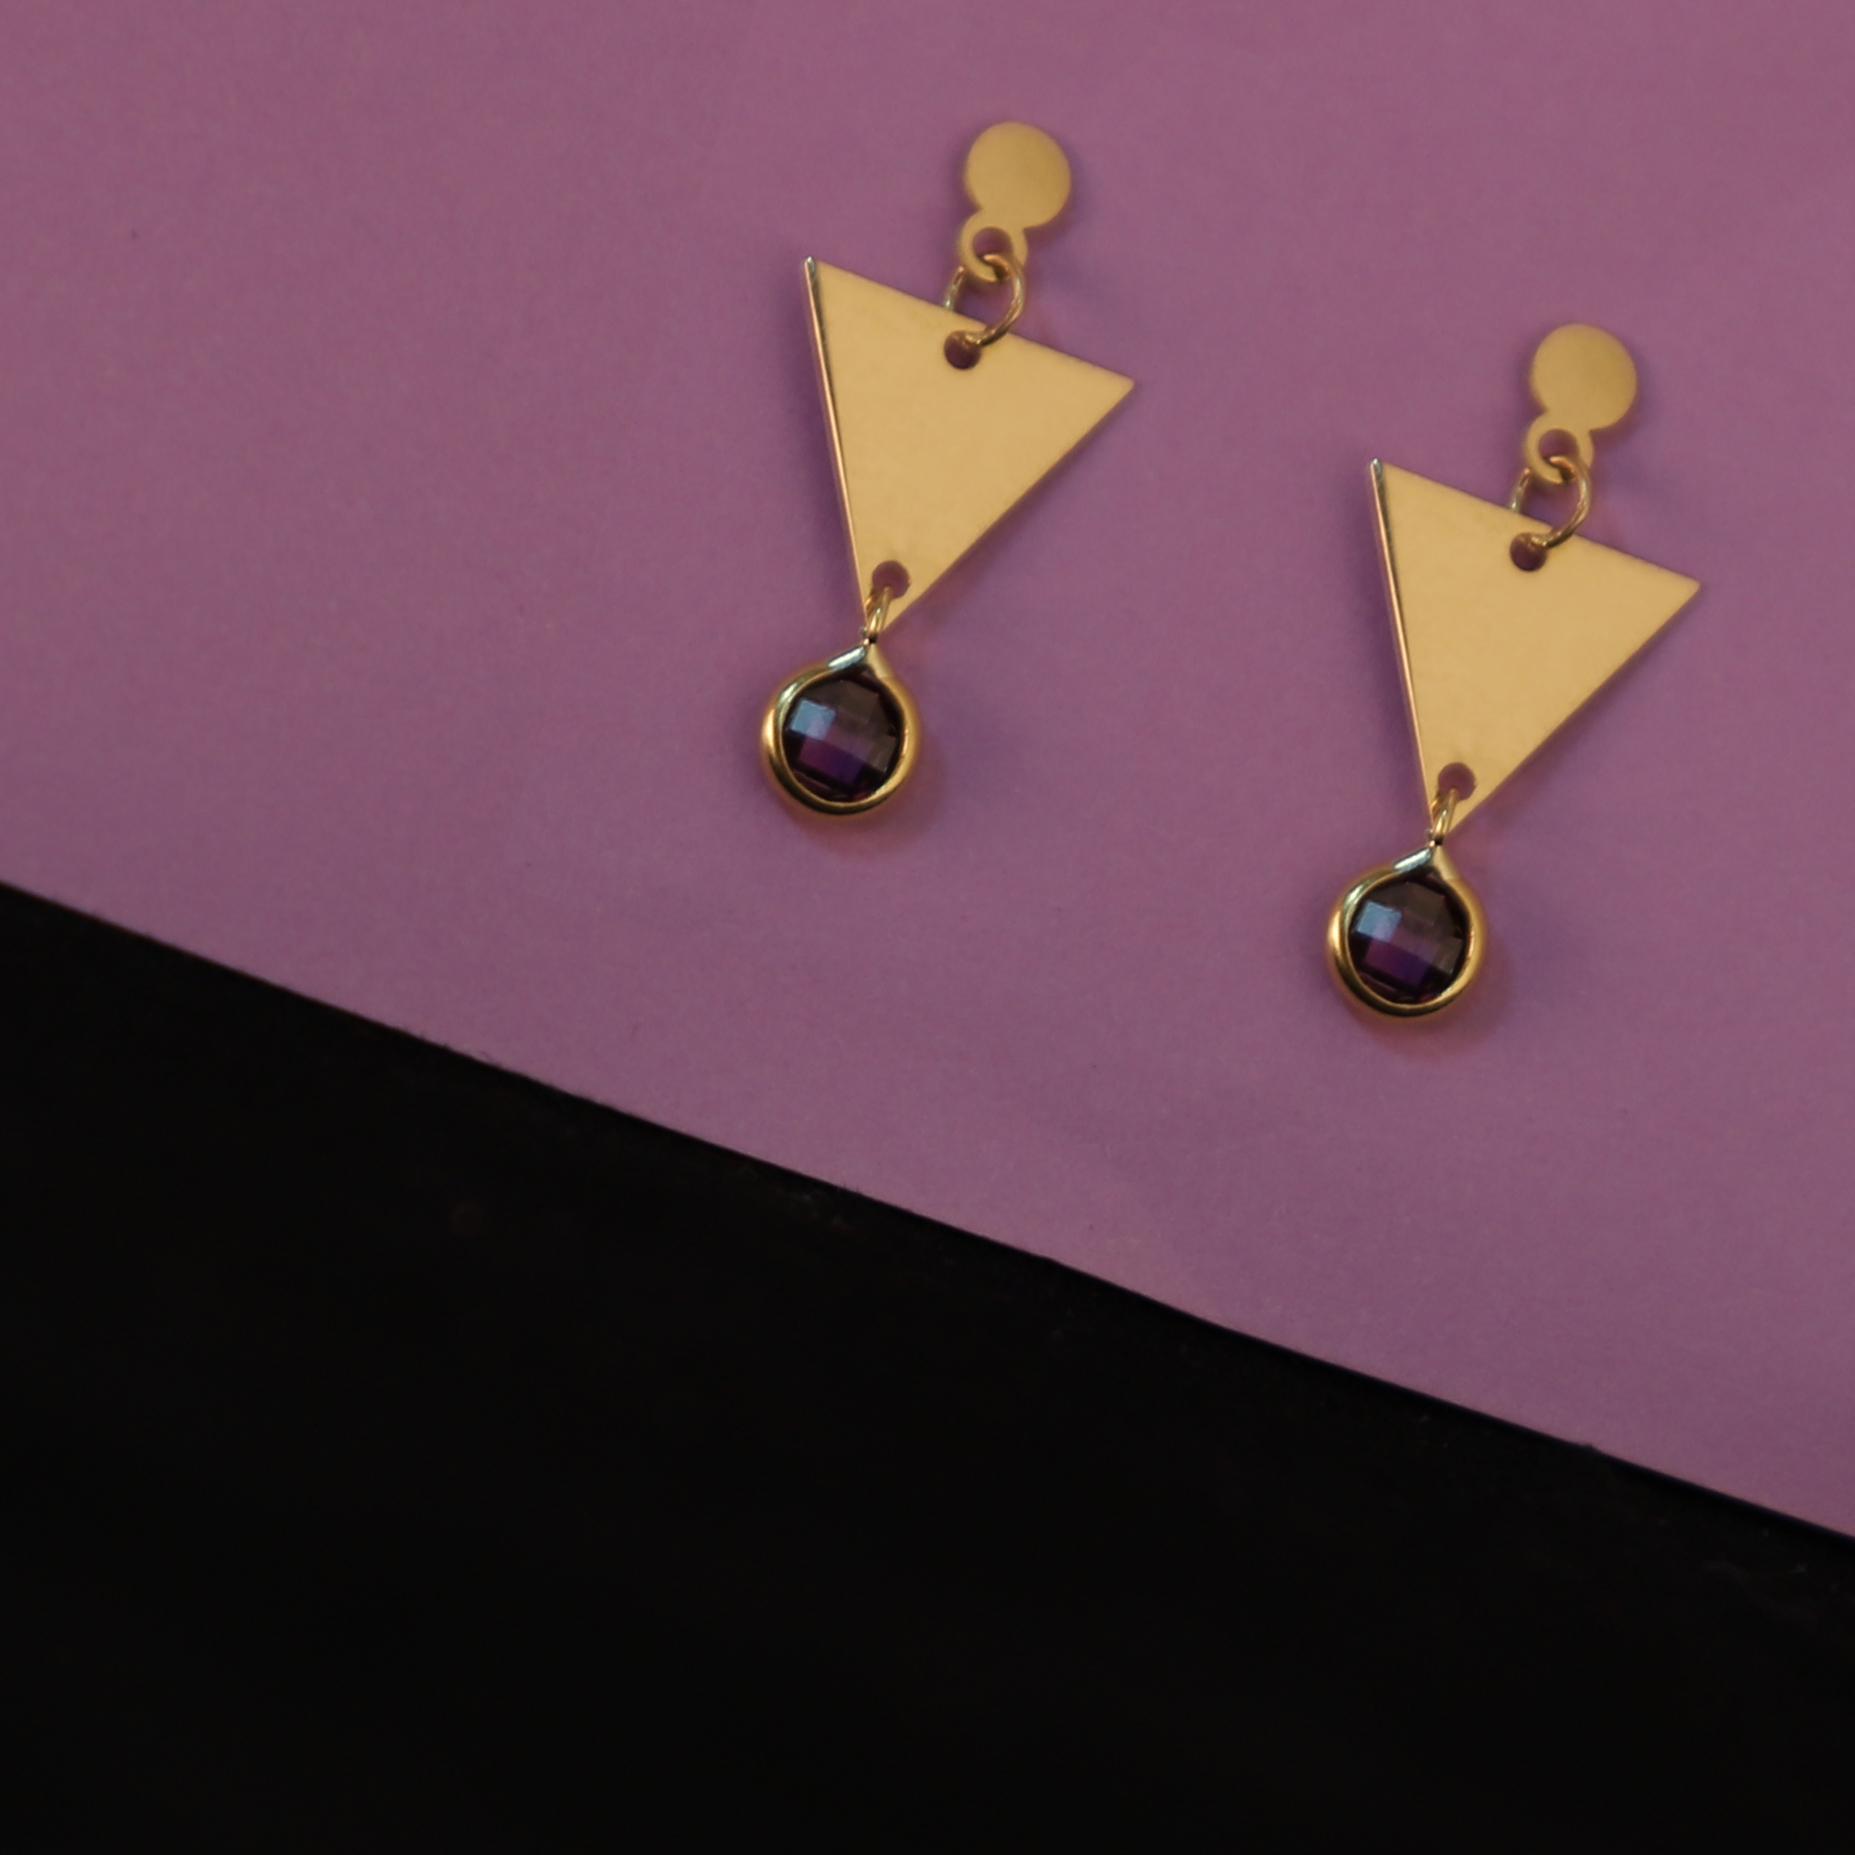 گوشواره طلا 18 عیار زنانه آمانژ مدل مثلث کد D10021